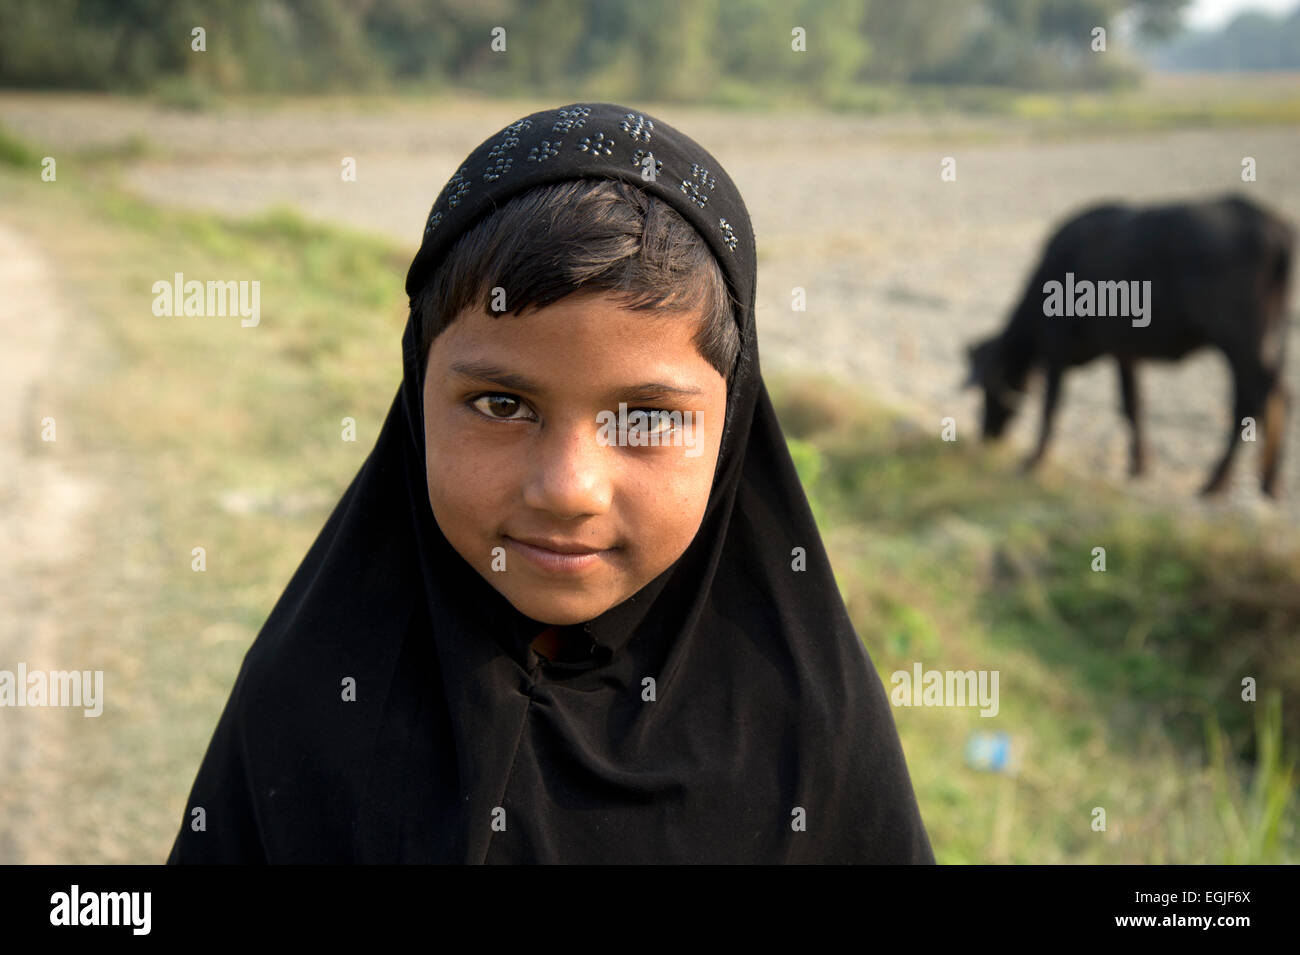 Bihar. La India. Mastichak village. Una joven chica musulmana llevaba un pañuelo negro. Foto de stock